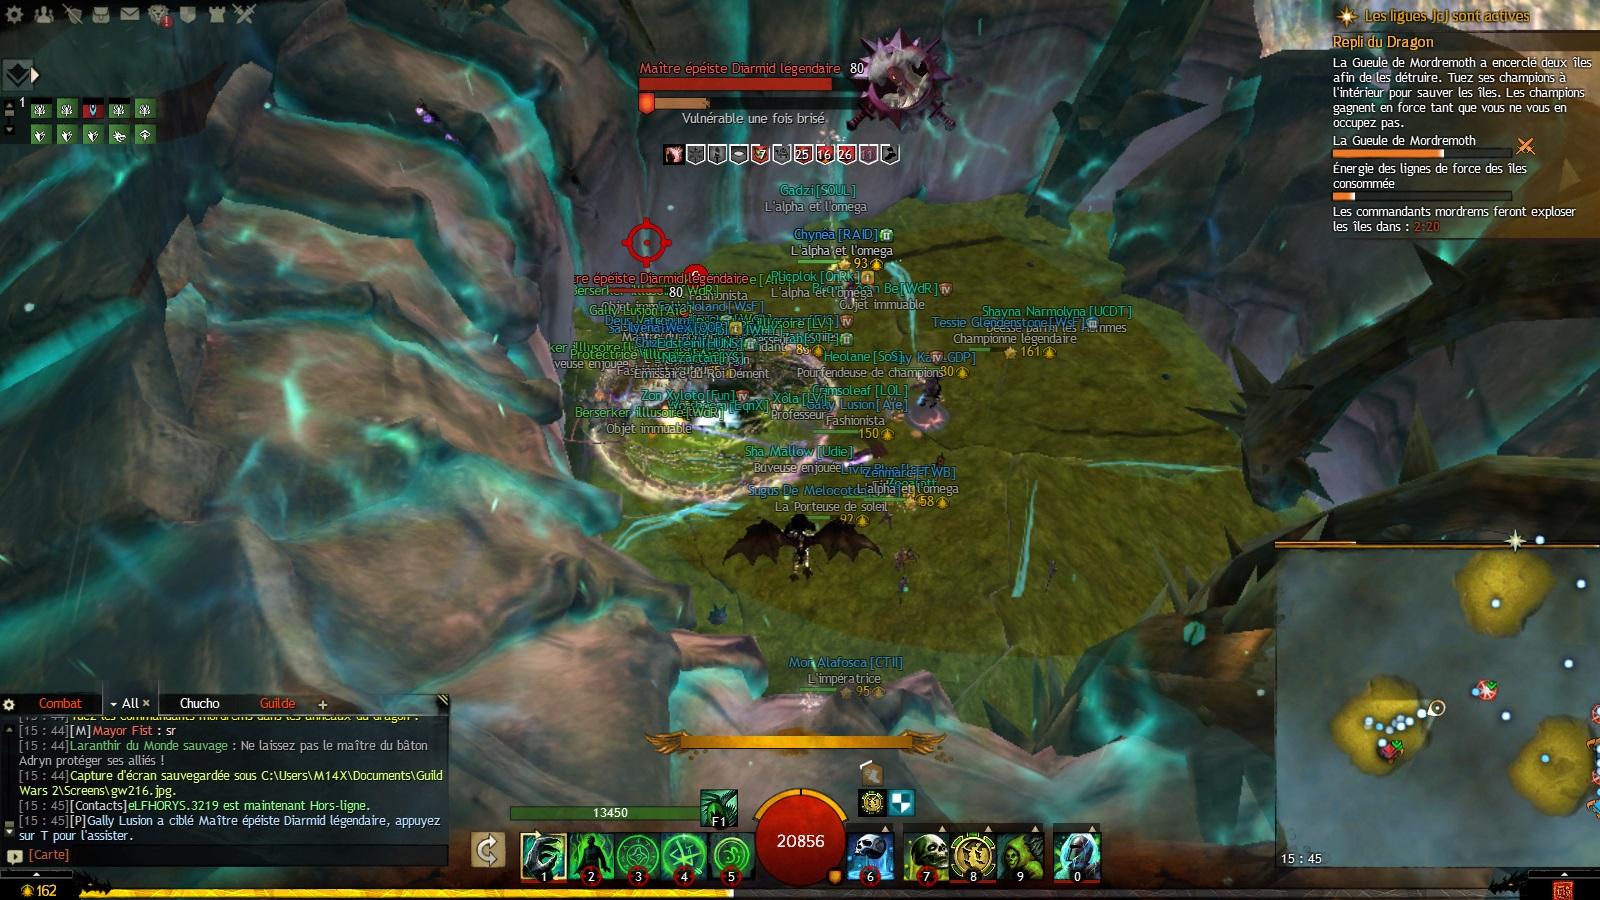 Carte Au Tresor Enchante Gw2.Repli Du Dragon Succes D Exploration